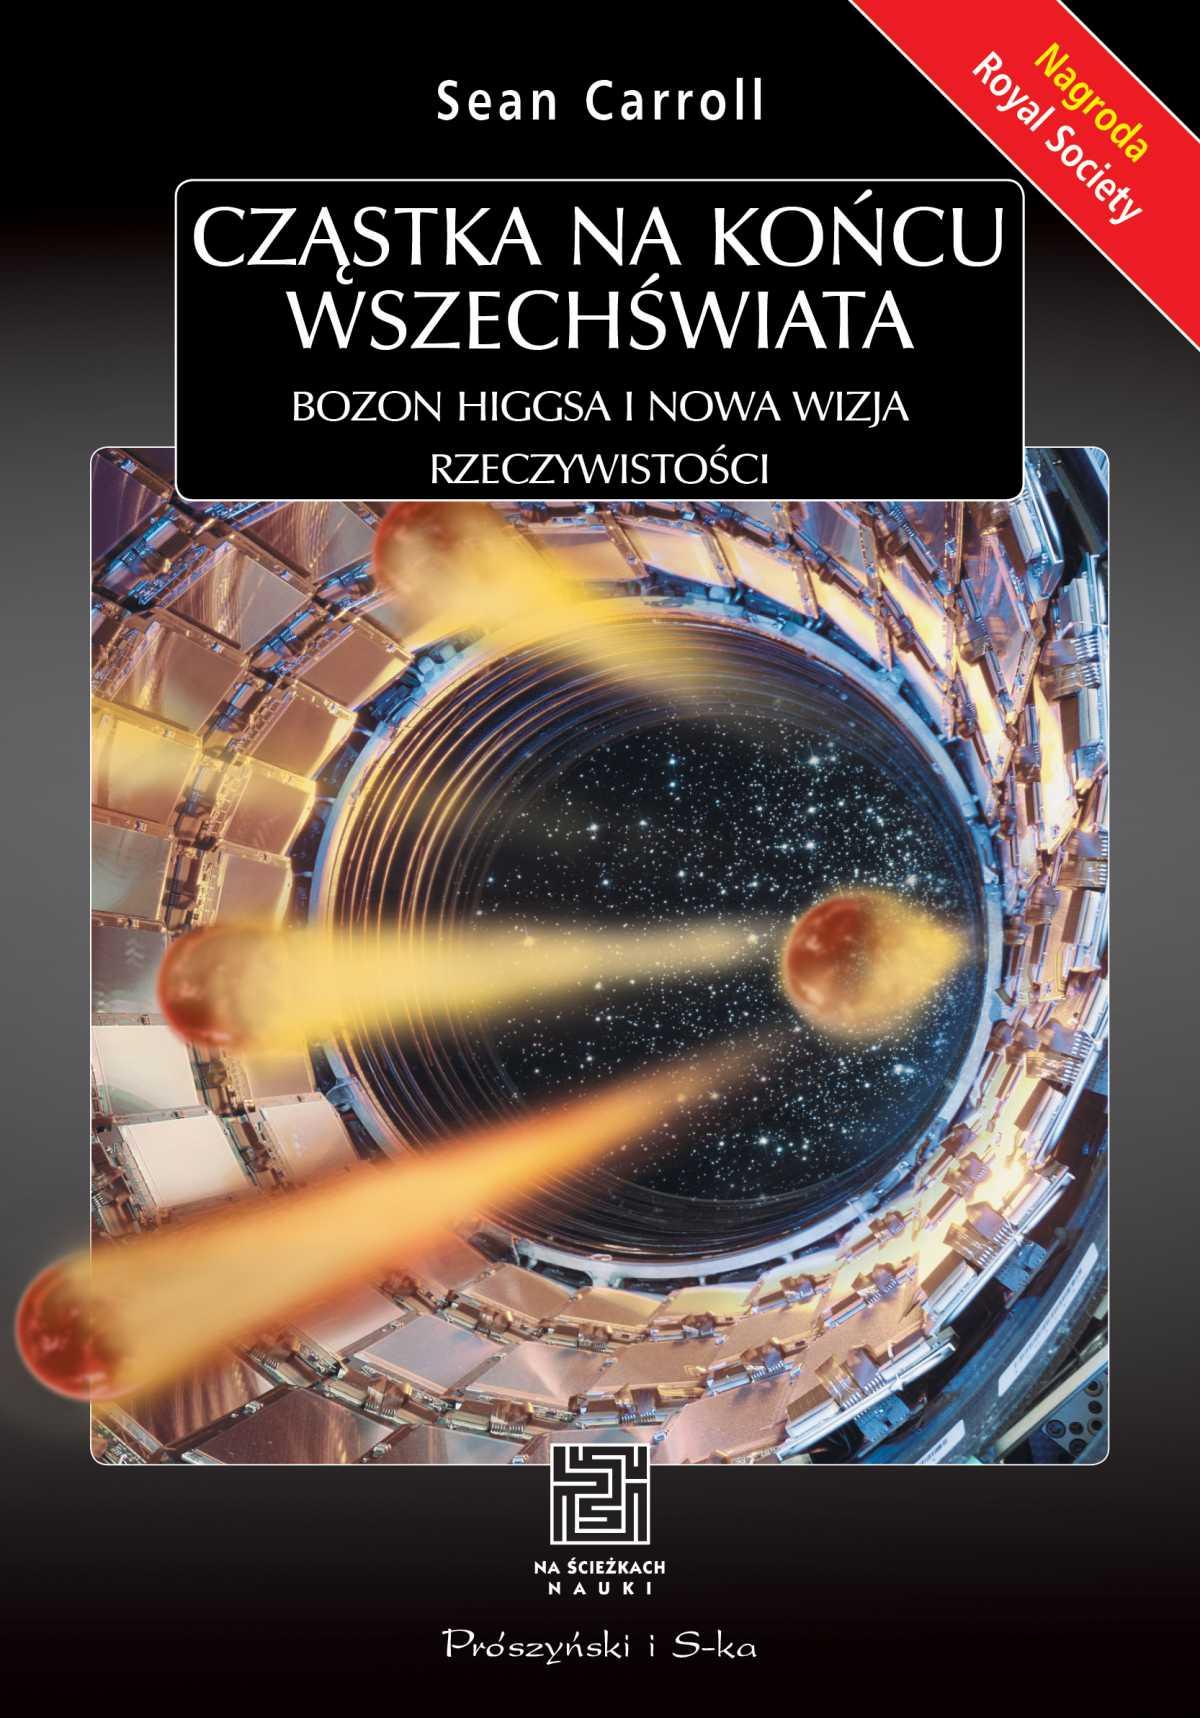 Cząstka na końcu Wszechświata - Ebook (Książka na Kindle) do pobrania w formacie MOBI